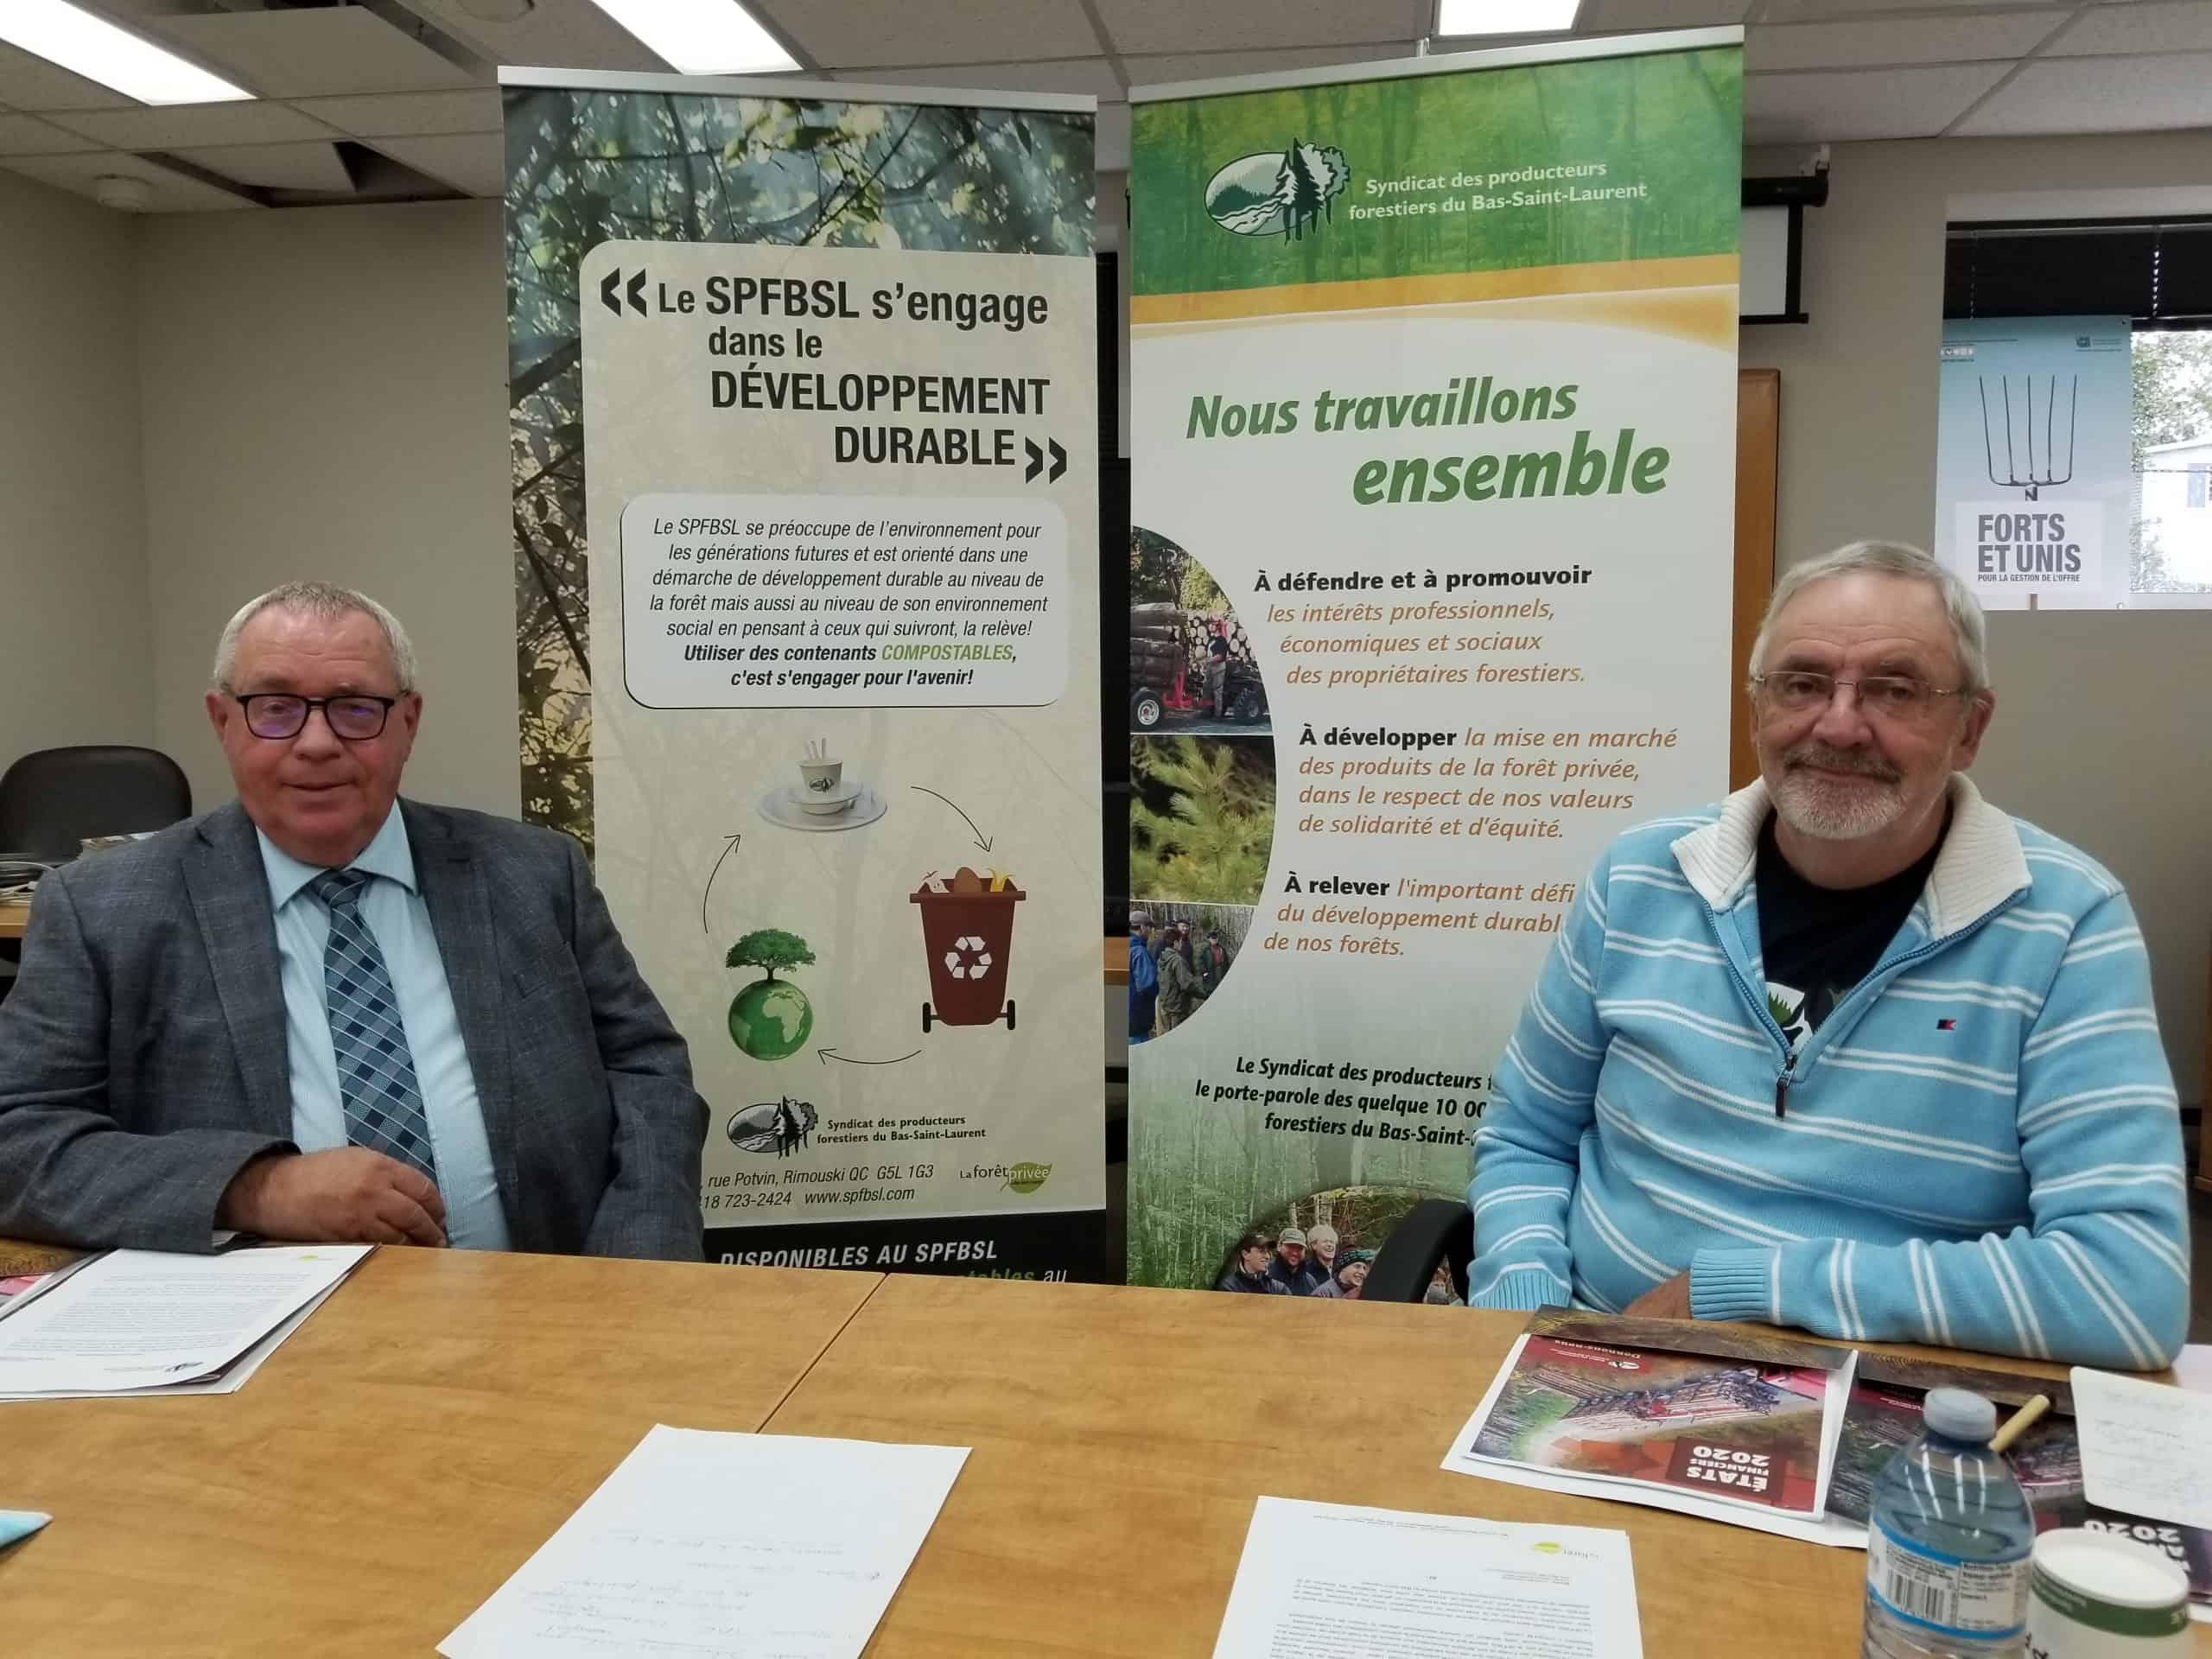 Année insécurisante pour les producteurs forestiers du Bas-Saint-Laurent